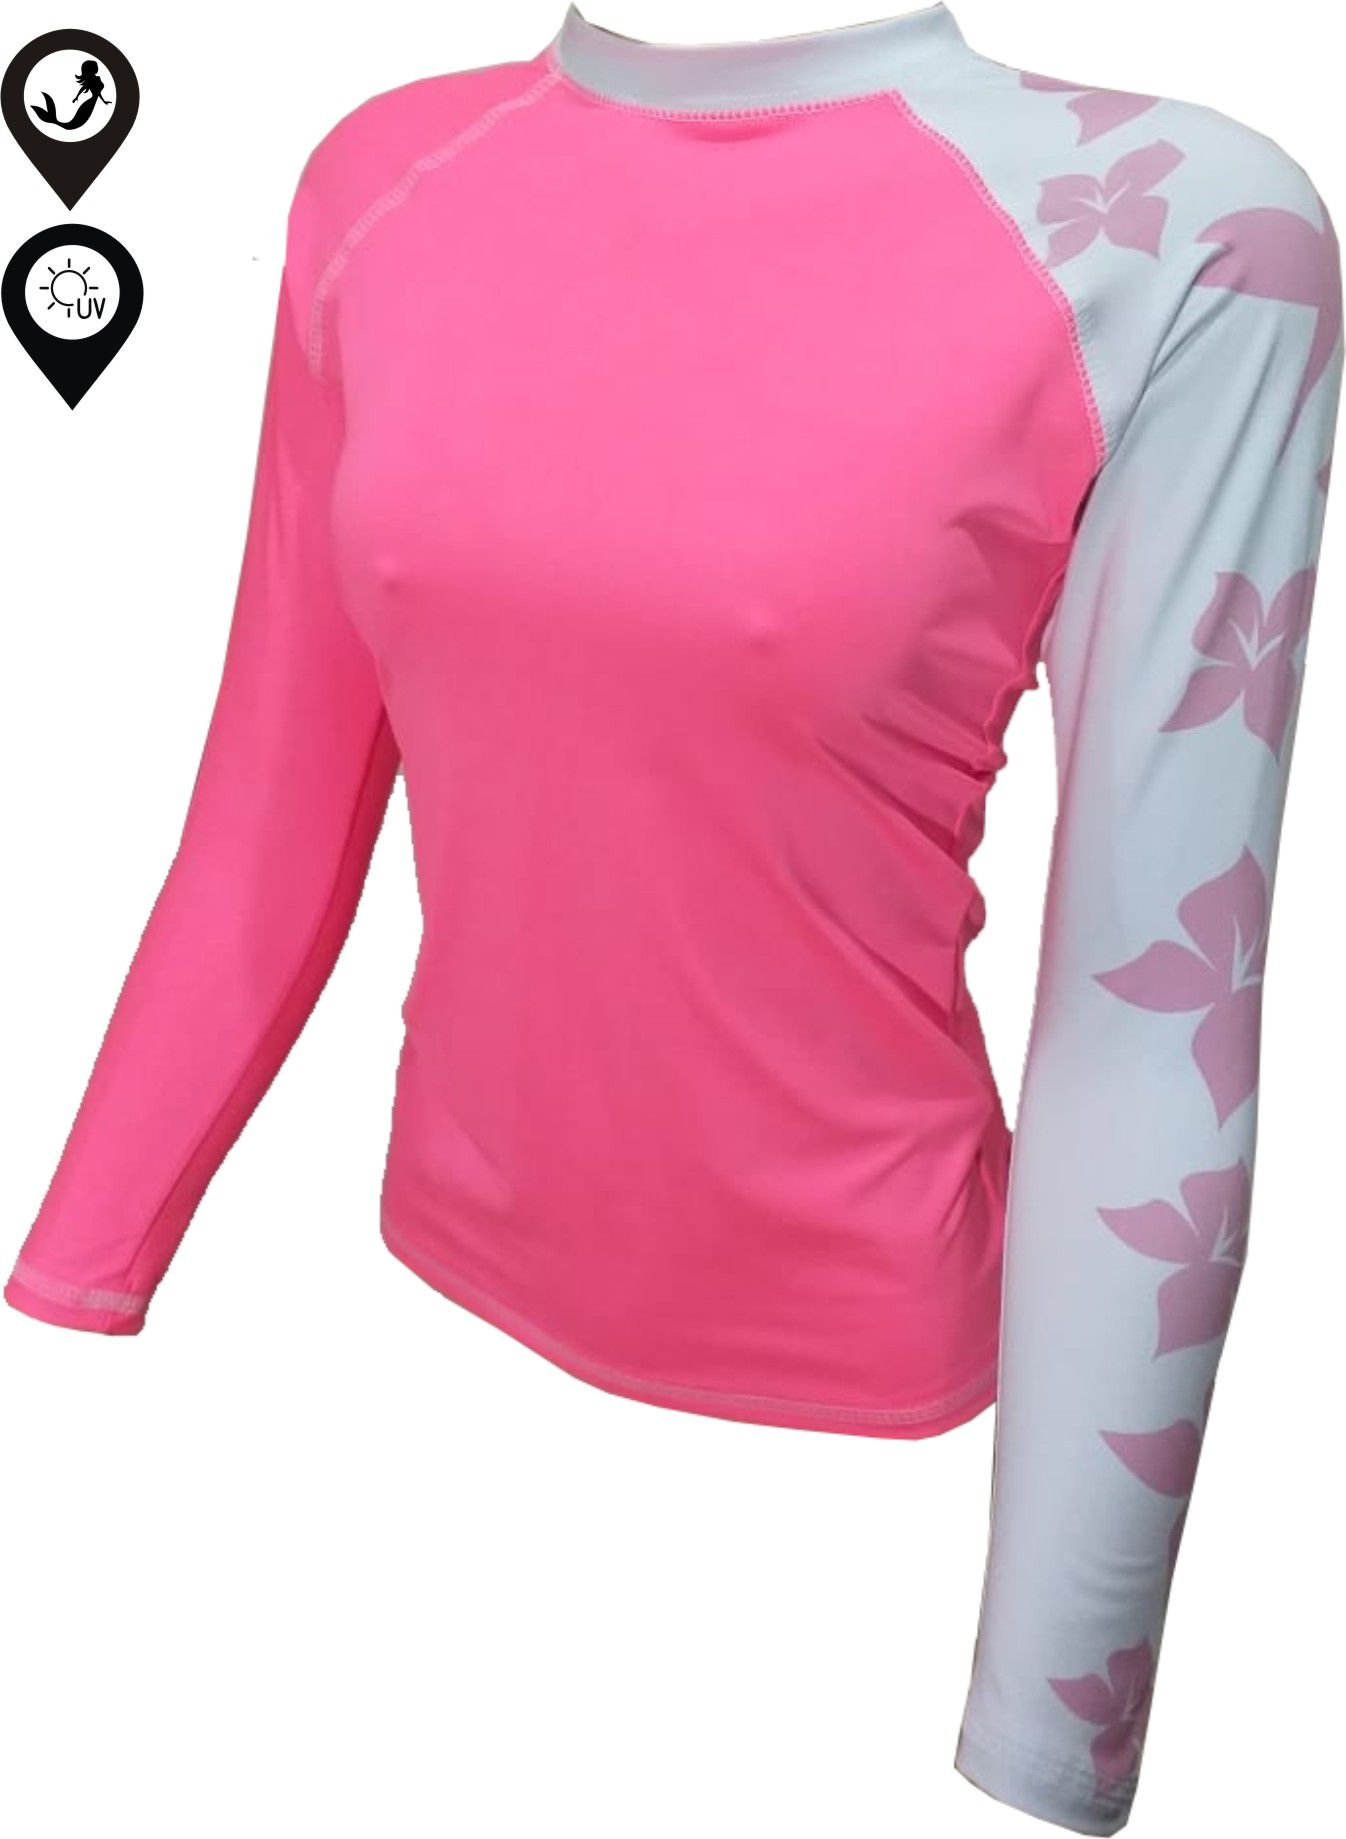 Camisa Lycra Manga Longa Flores Proteção Solar UV UPF 50+